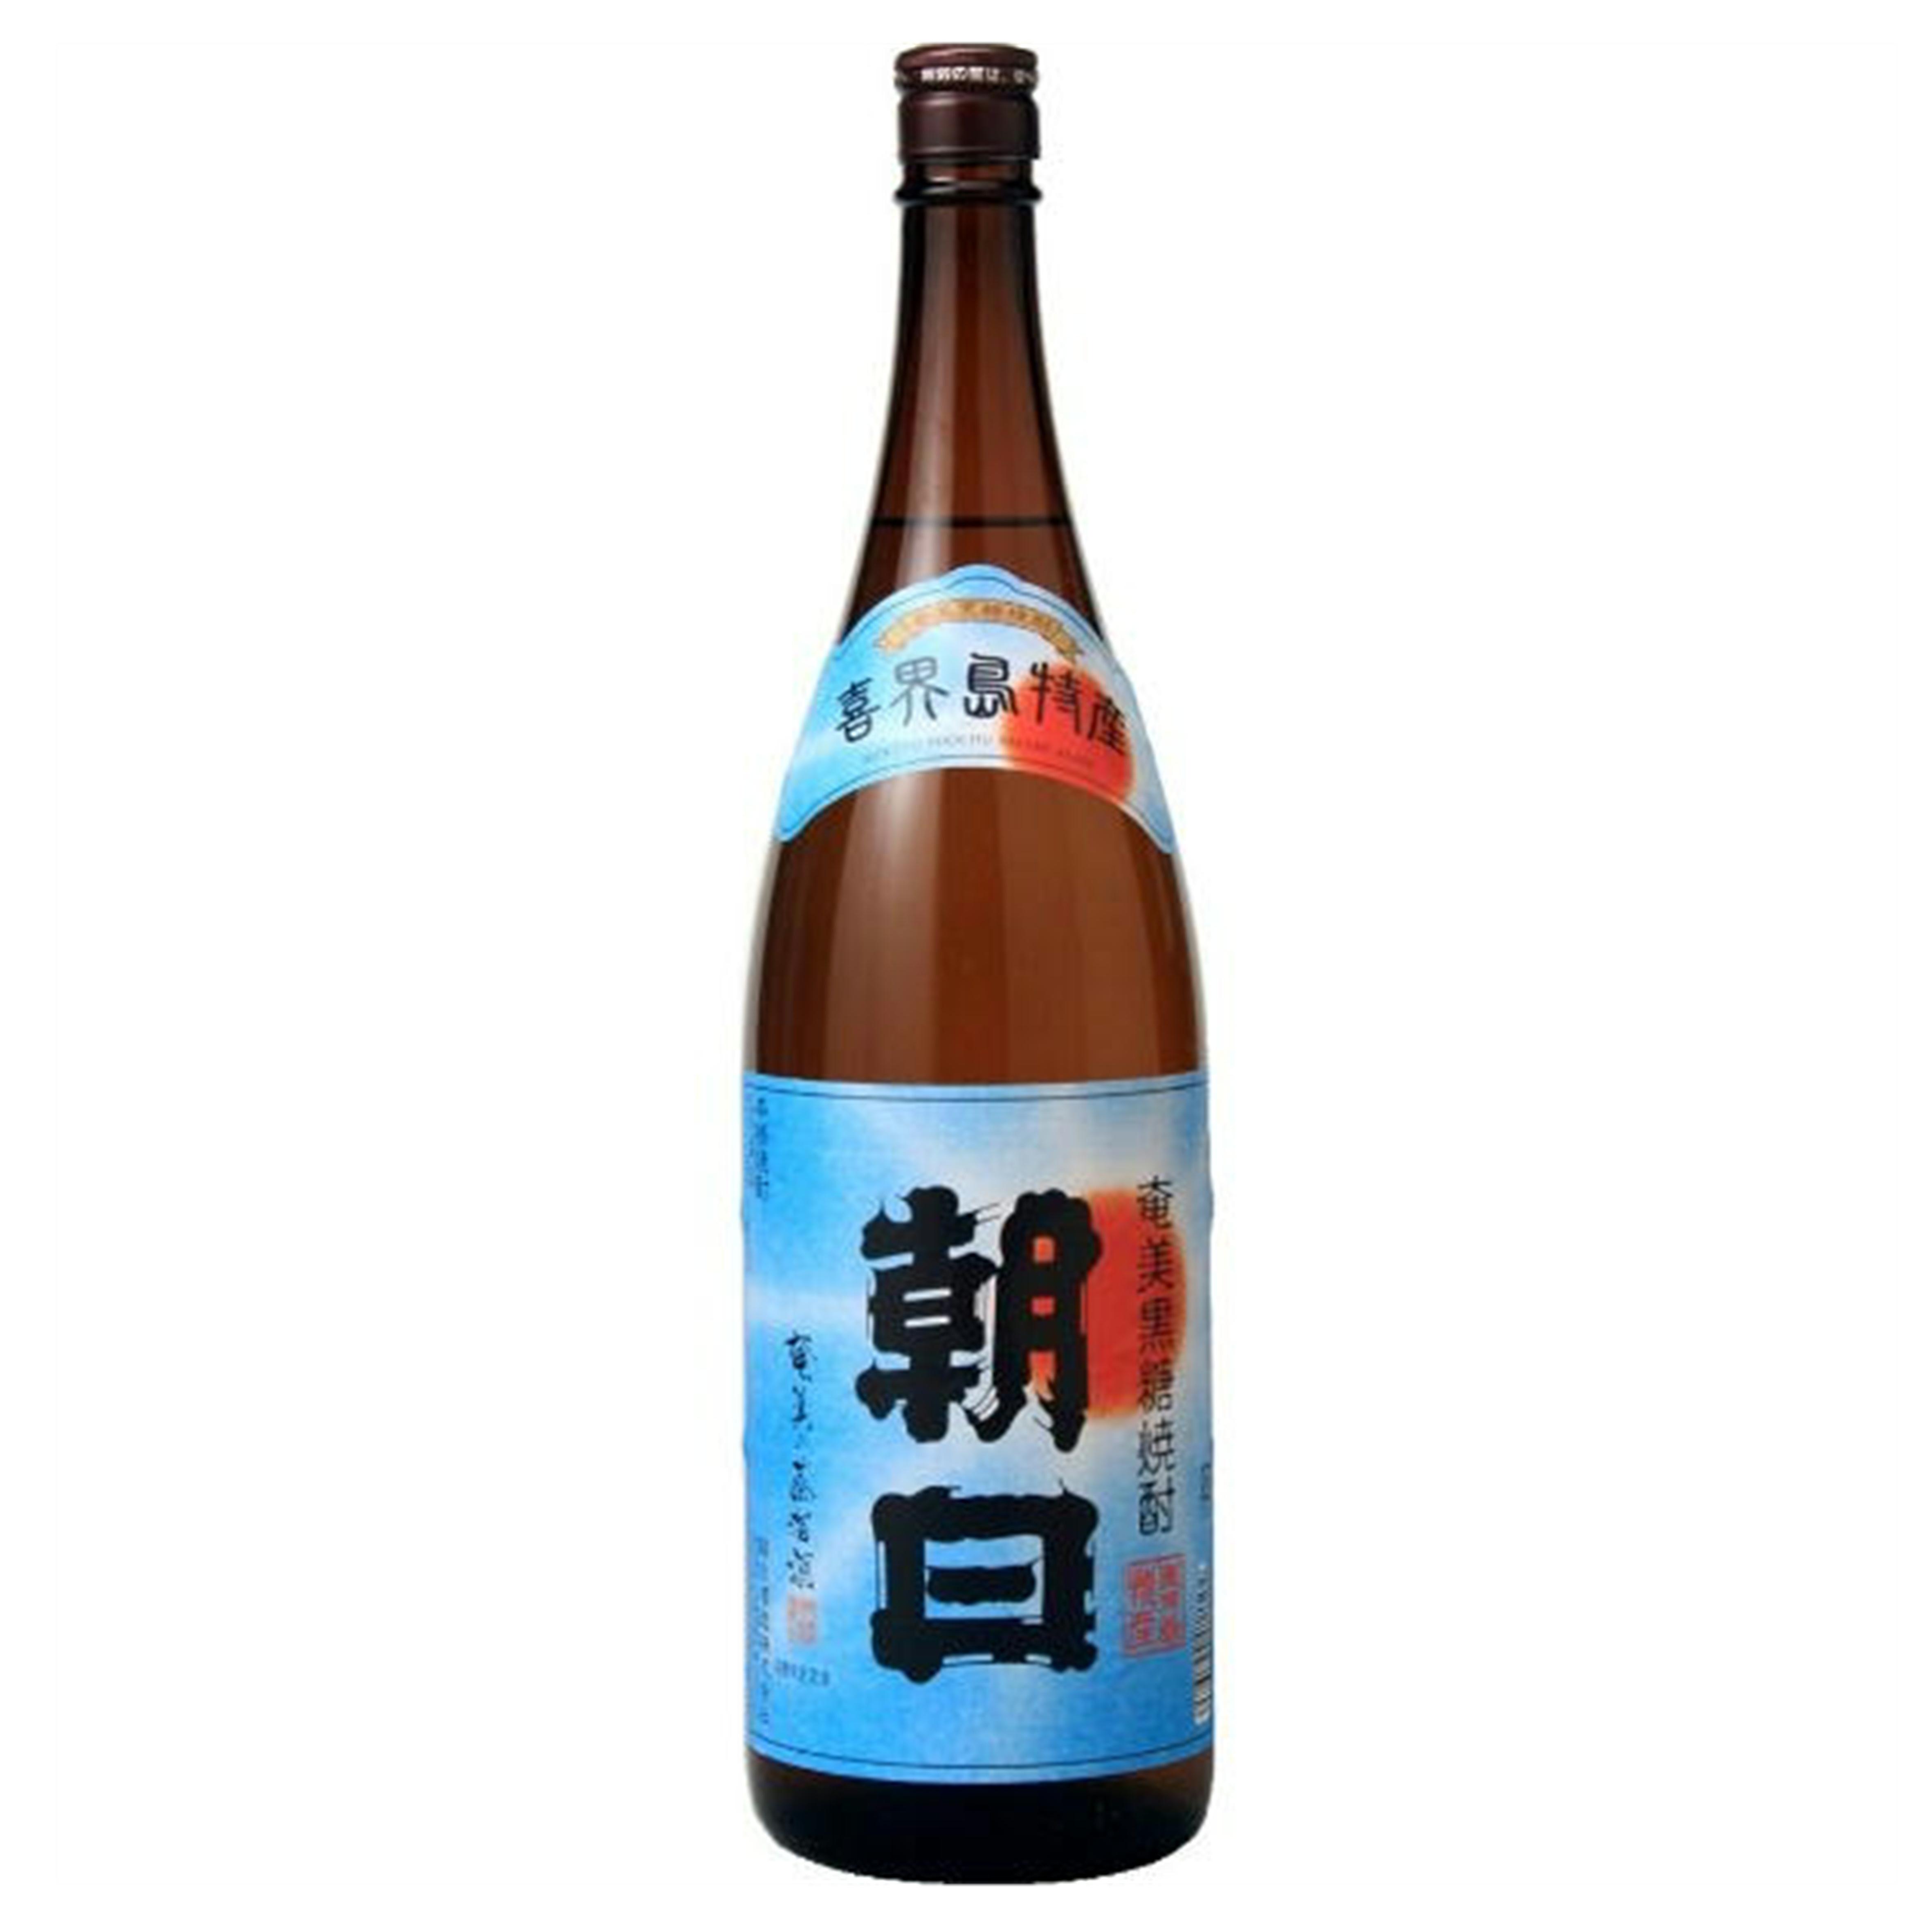 朝日 黒糖焼酎 25度